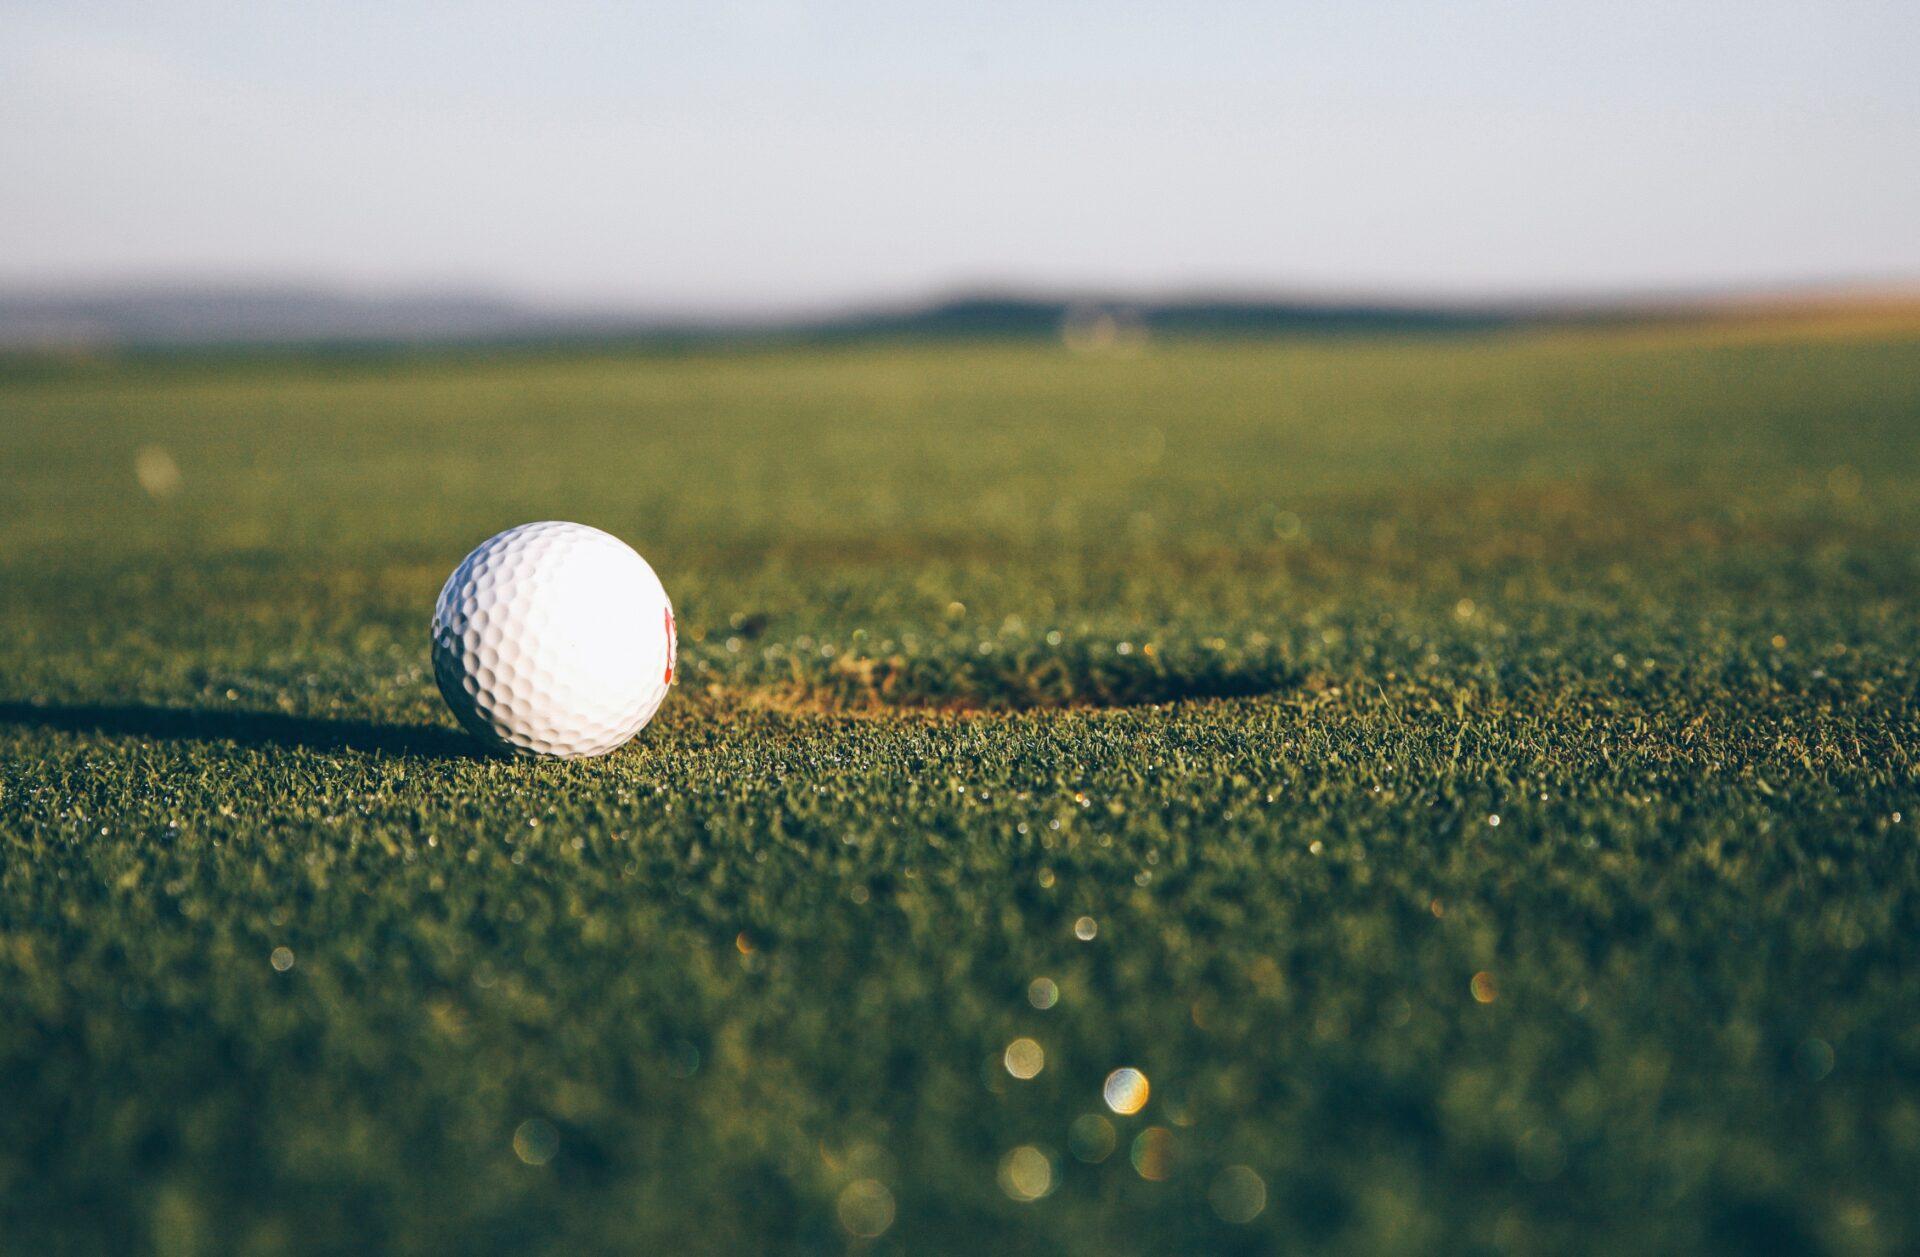 気軽にゴルフを楽しもう!大手配達業者のゴルフ便を比較!